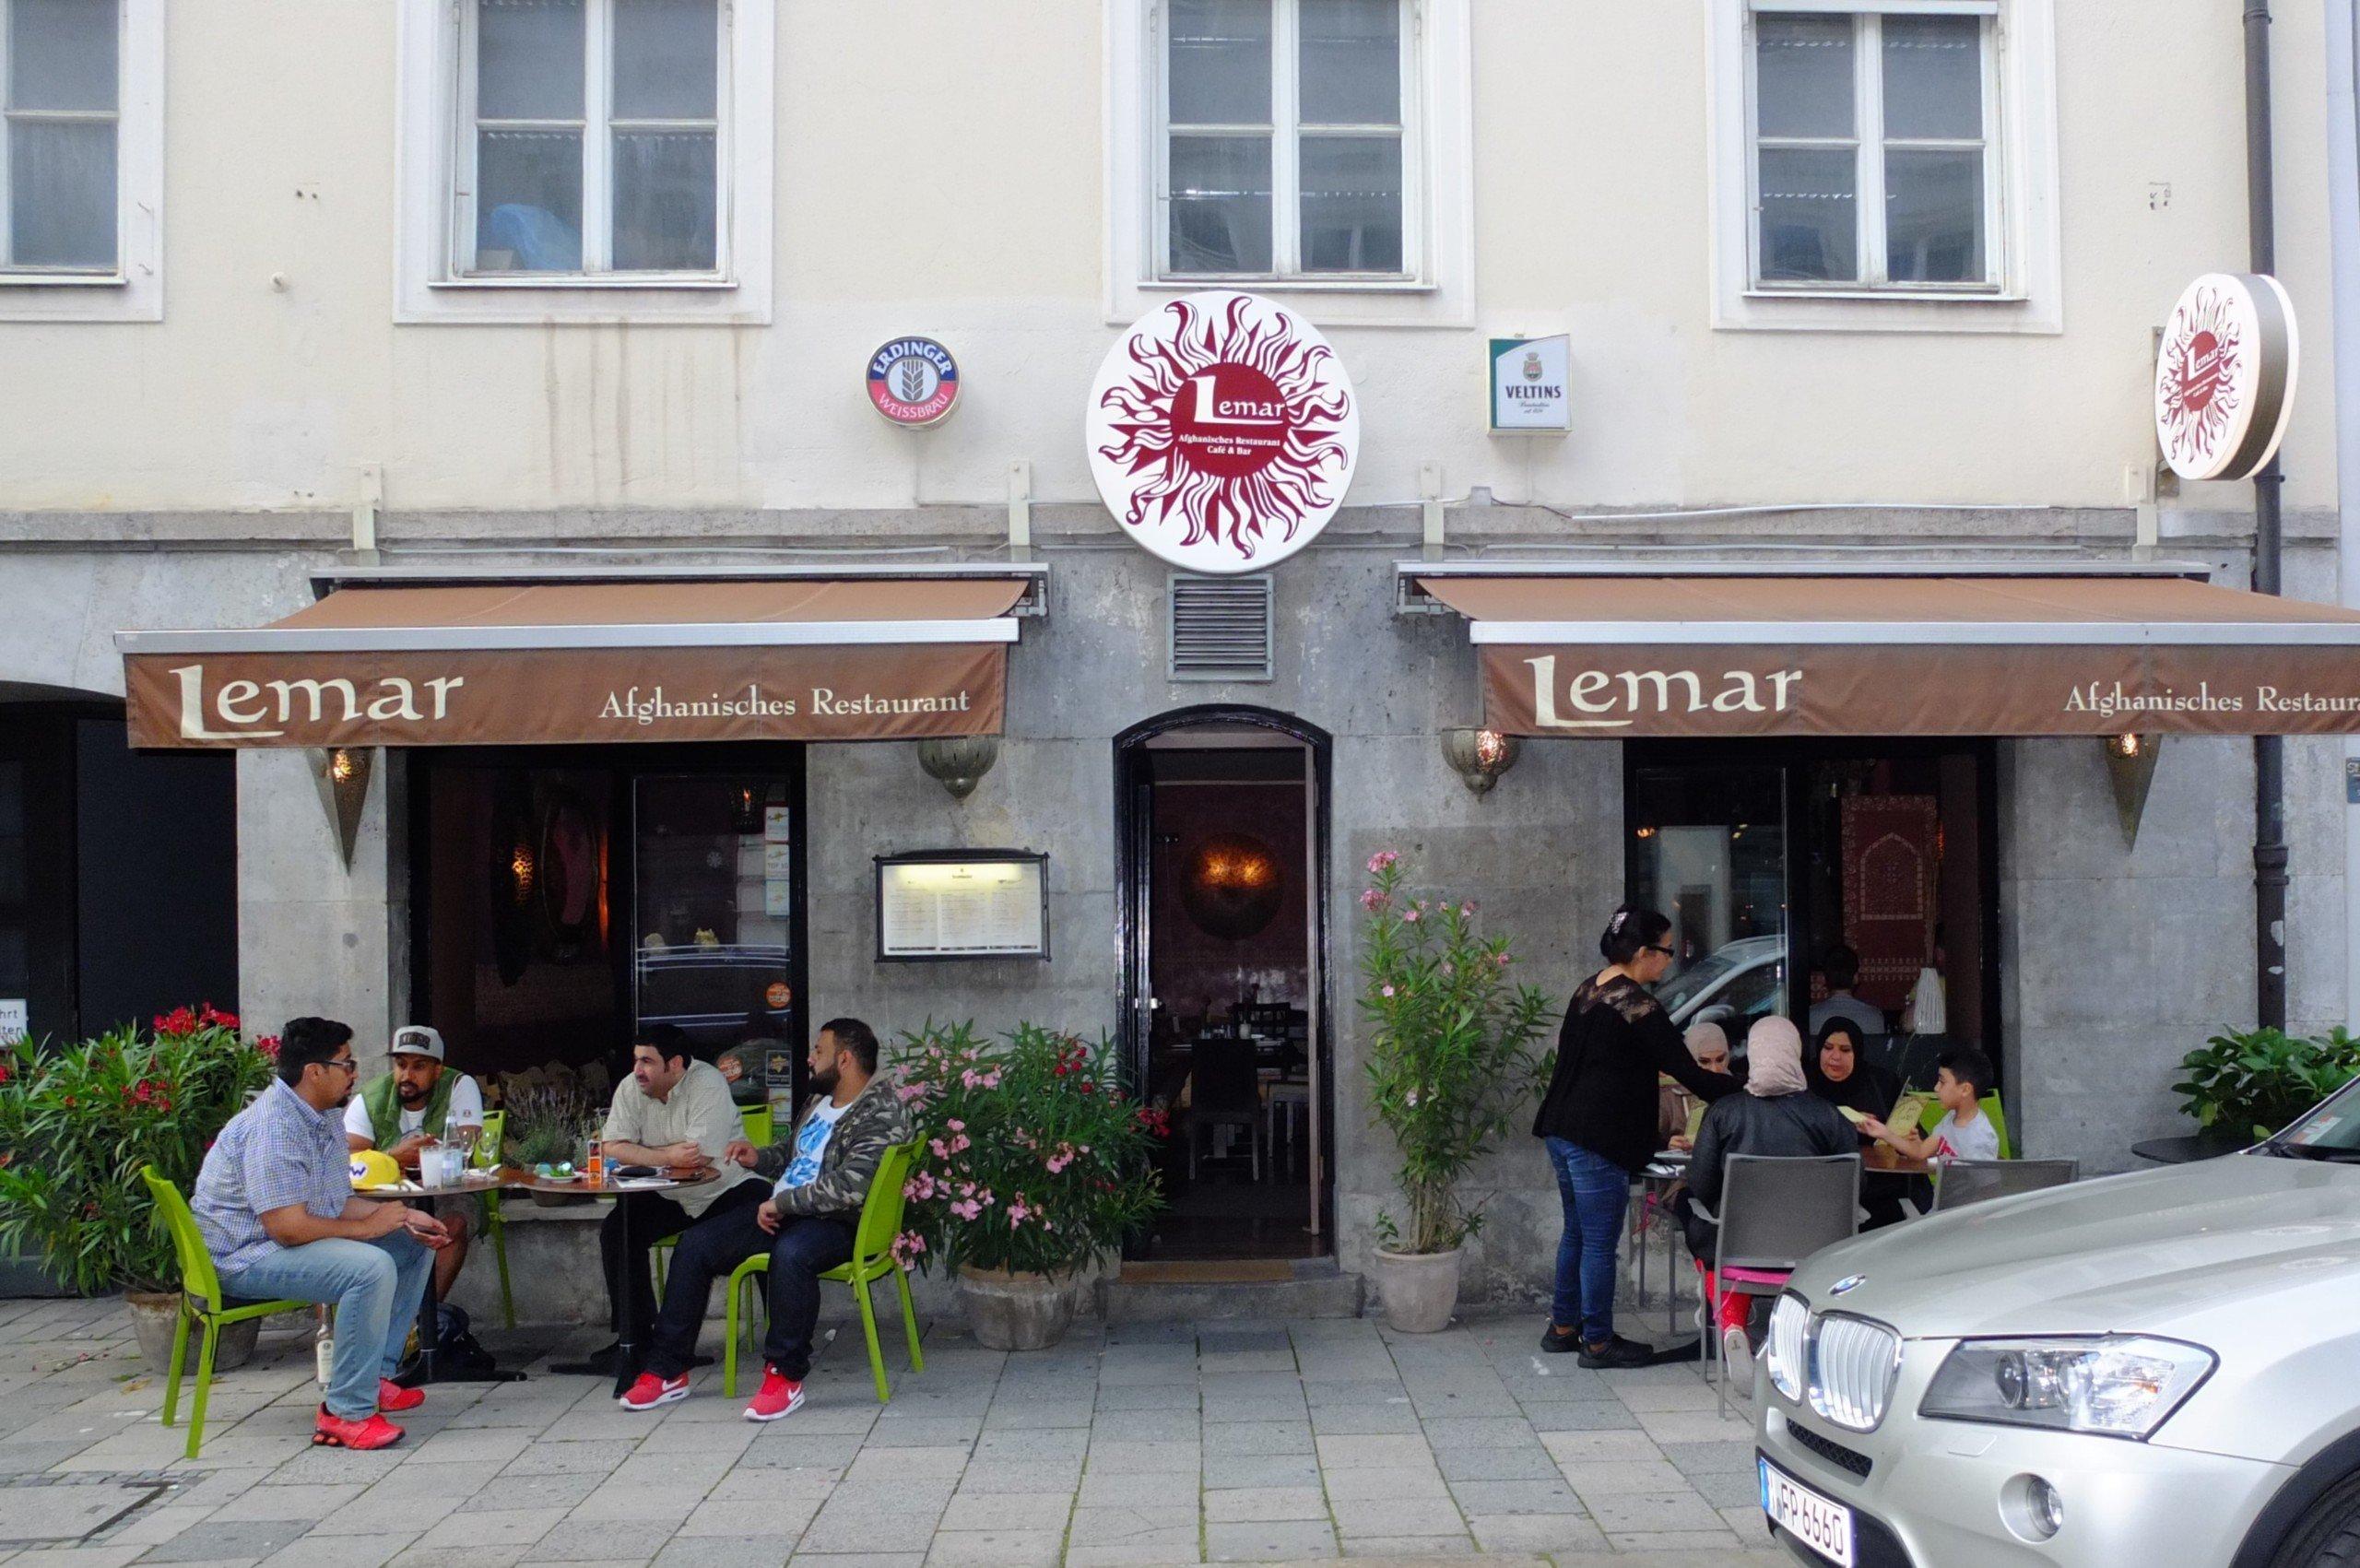 Lemar Öffnungszeiten, Brunnstraße in München | Offen.net